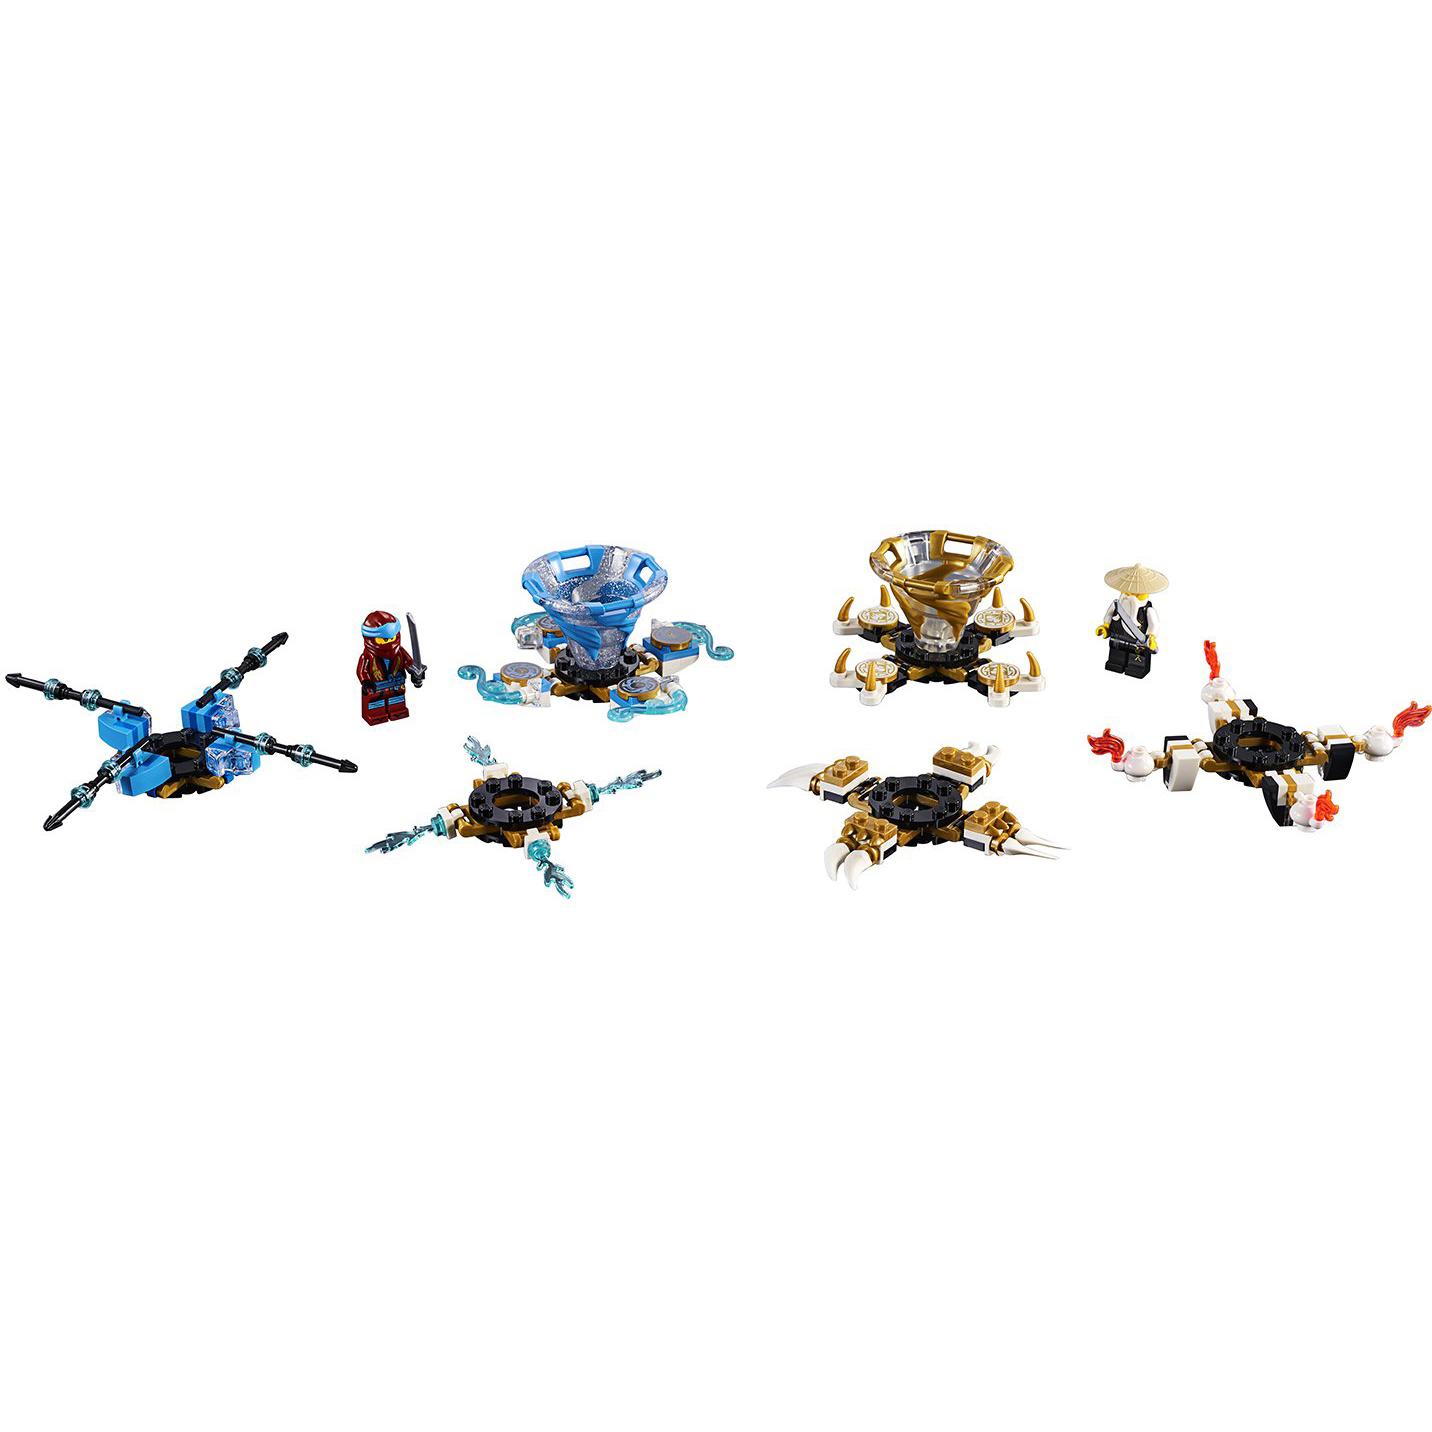 Купить Конструктор Lego Ninjago Ния и Ву: мастера Кружитцу 70663, пластик, для мальчиков, Конструкторы, пазлы